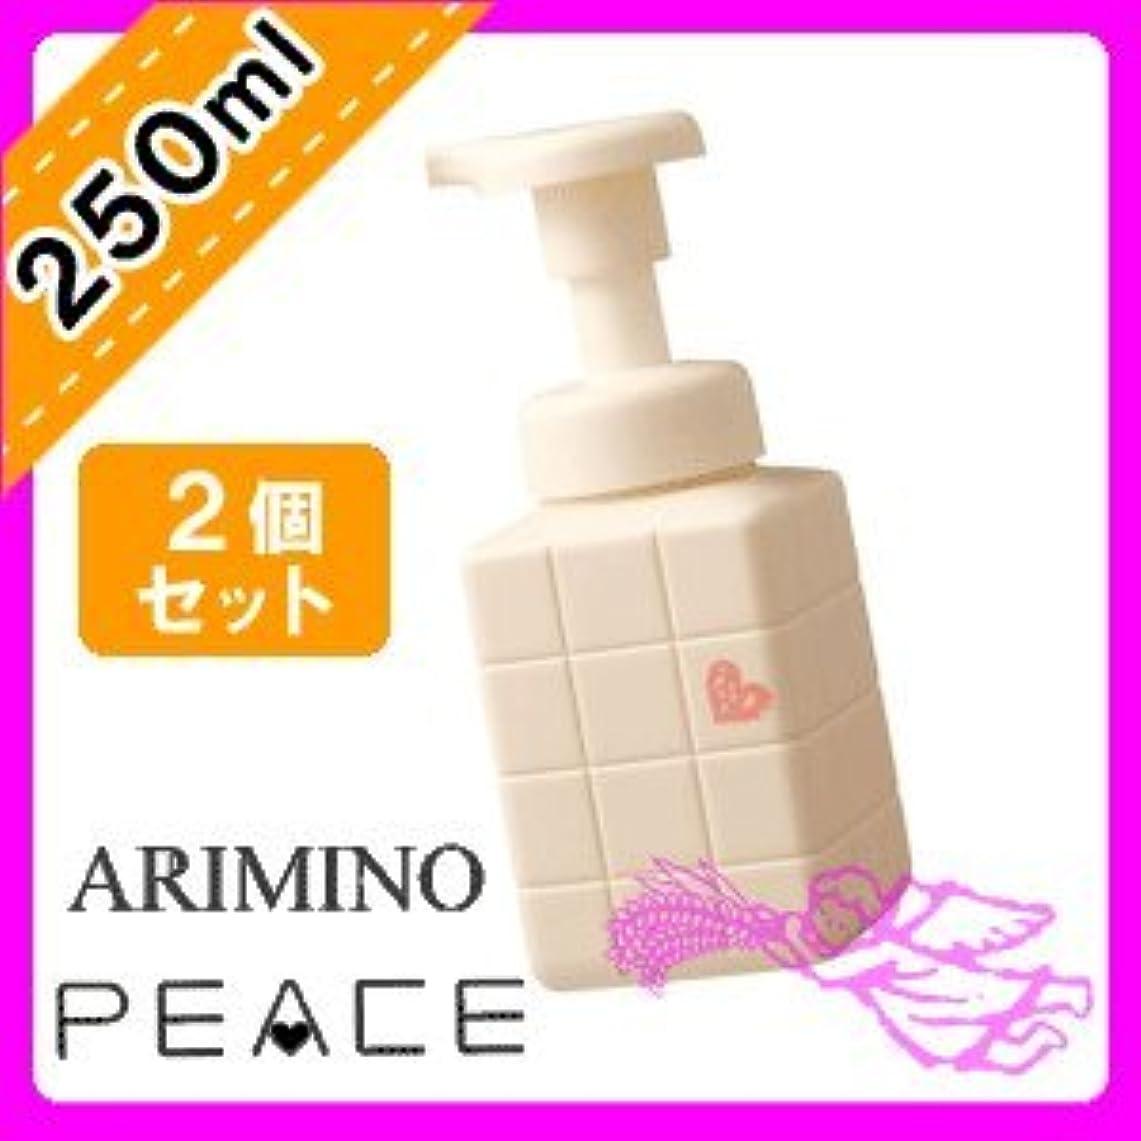 石鹸報復キャビンアリミノ ピース ホイップワックス PEACE ナチュラルウェーブ ホイップ250mL ×2個 セット arimino PEACE